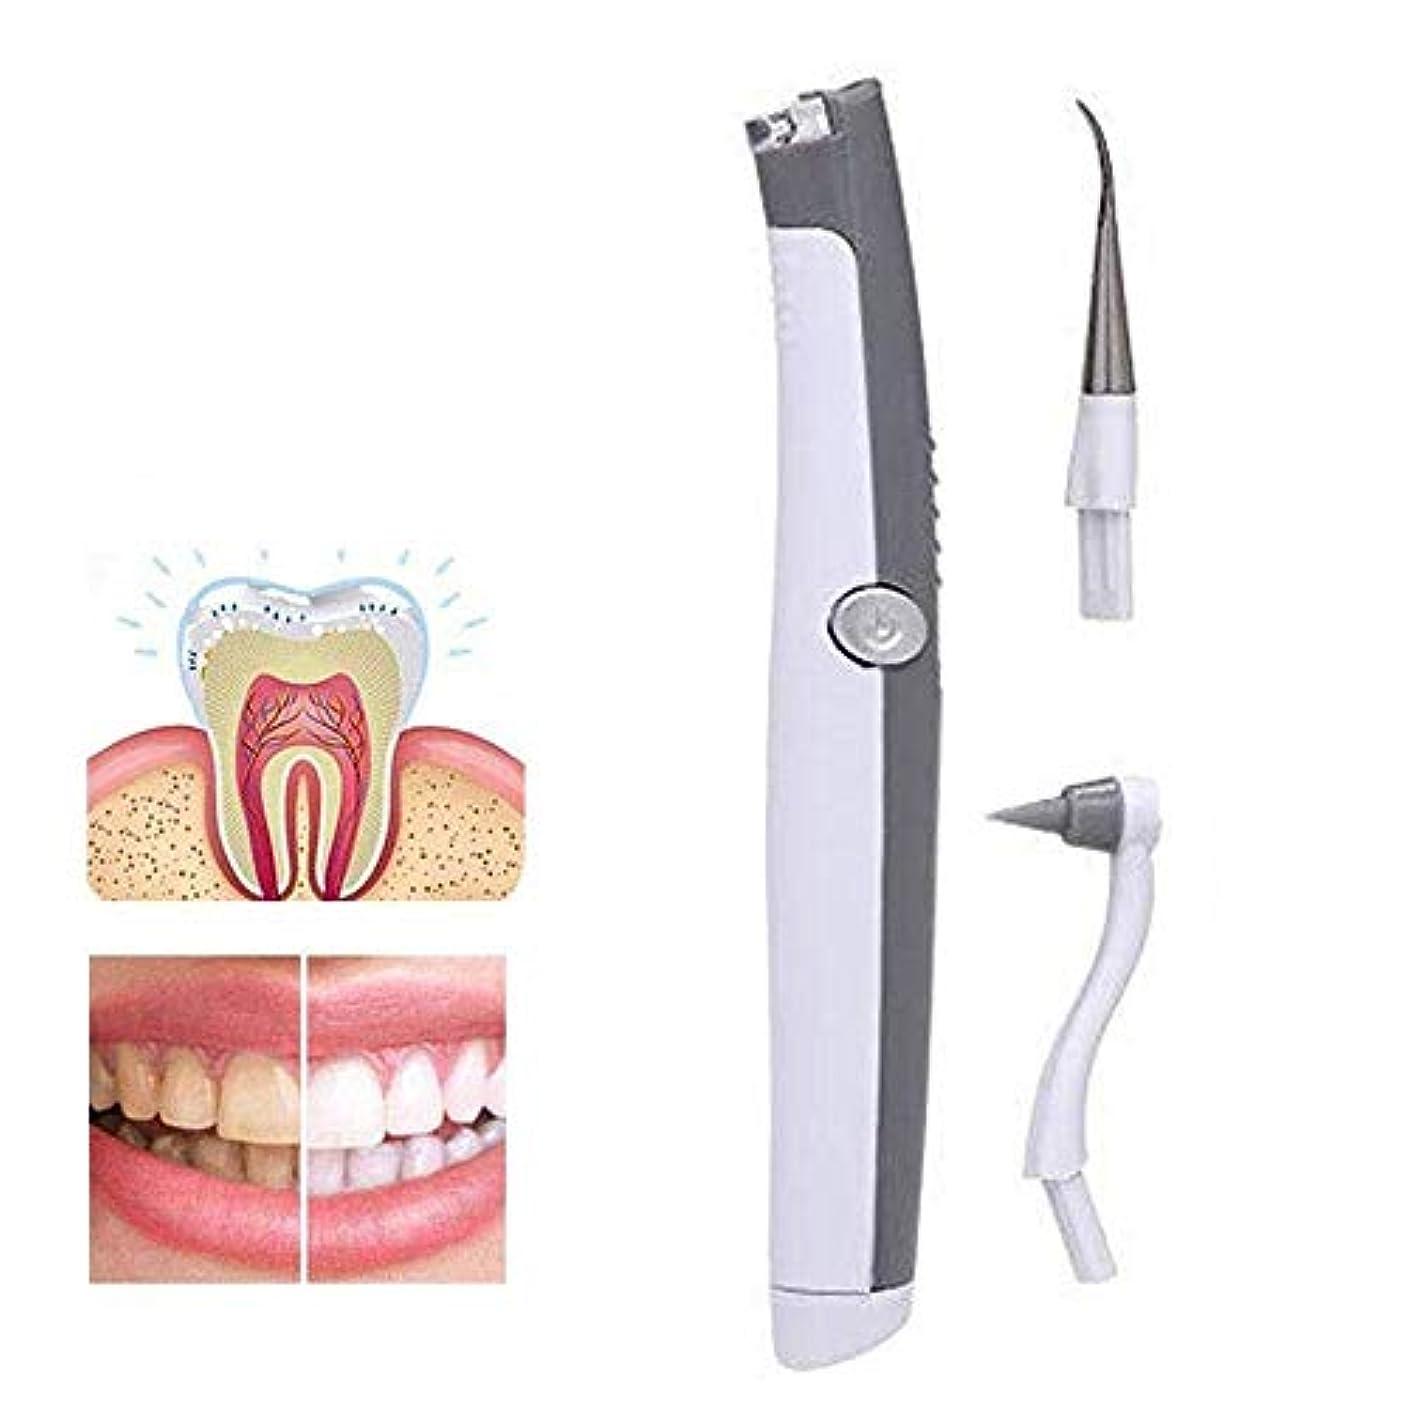 ベーコン責める何でも歯のクリーニングツール電動歯ブラシ煙汚れ歯石Ledライト歯の染色消しゴムプラークリムーバーポータブル歯のホワイトニング楽器